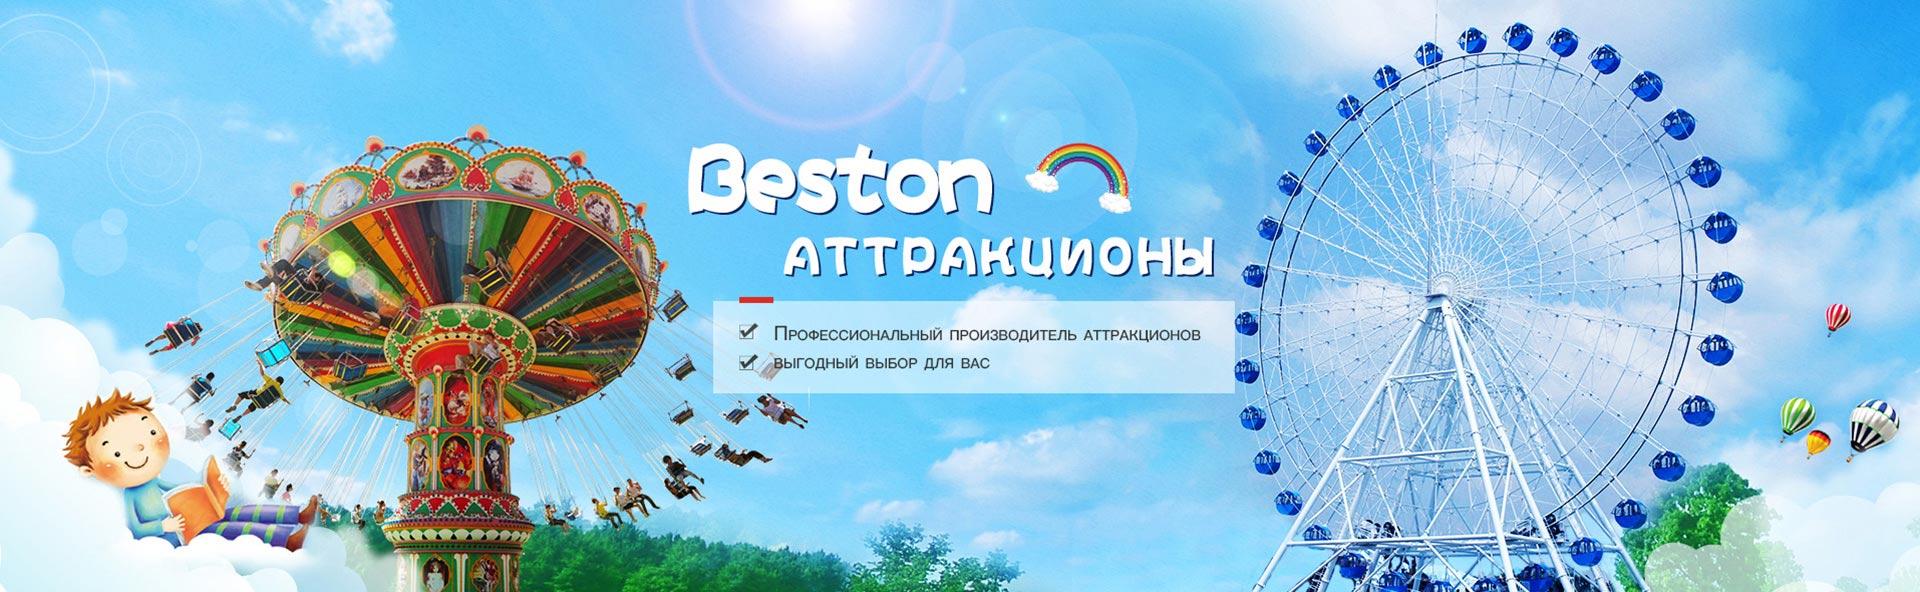 Beston аттракцион